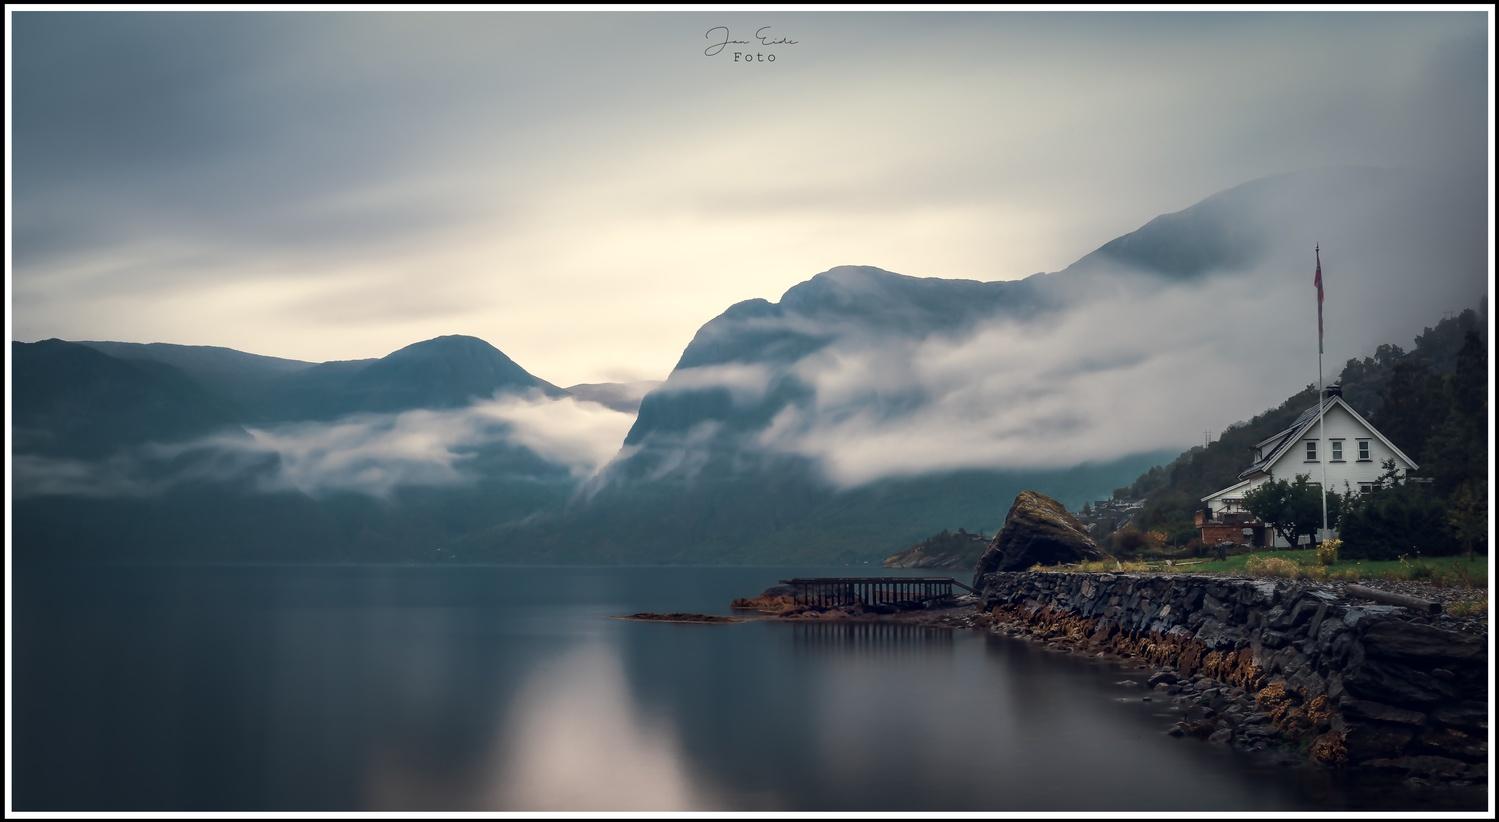 Peace by Jan Eide